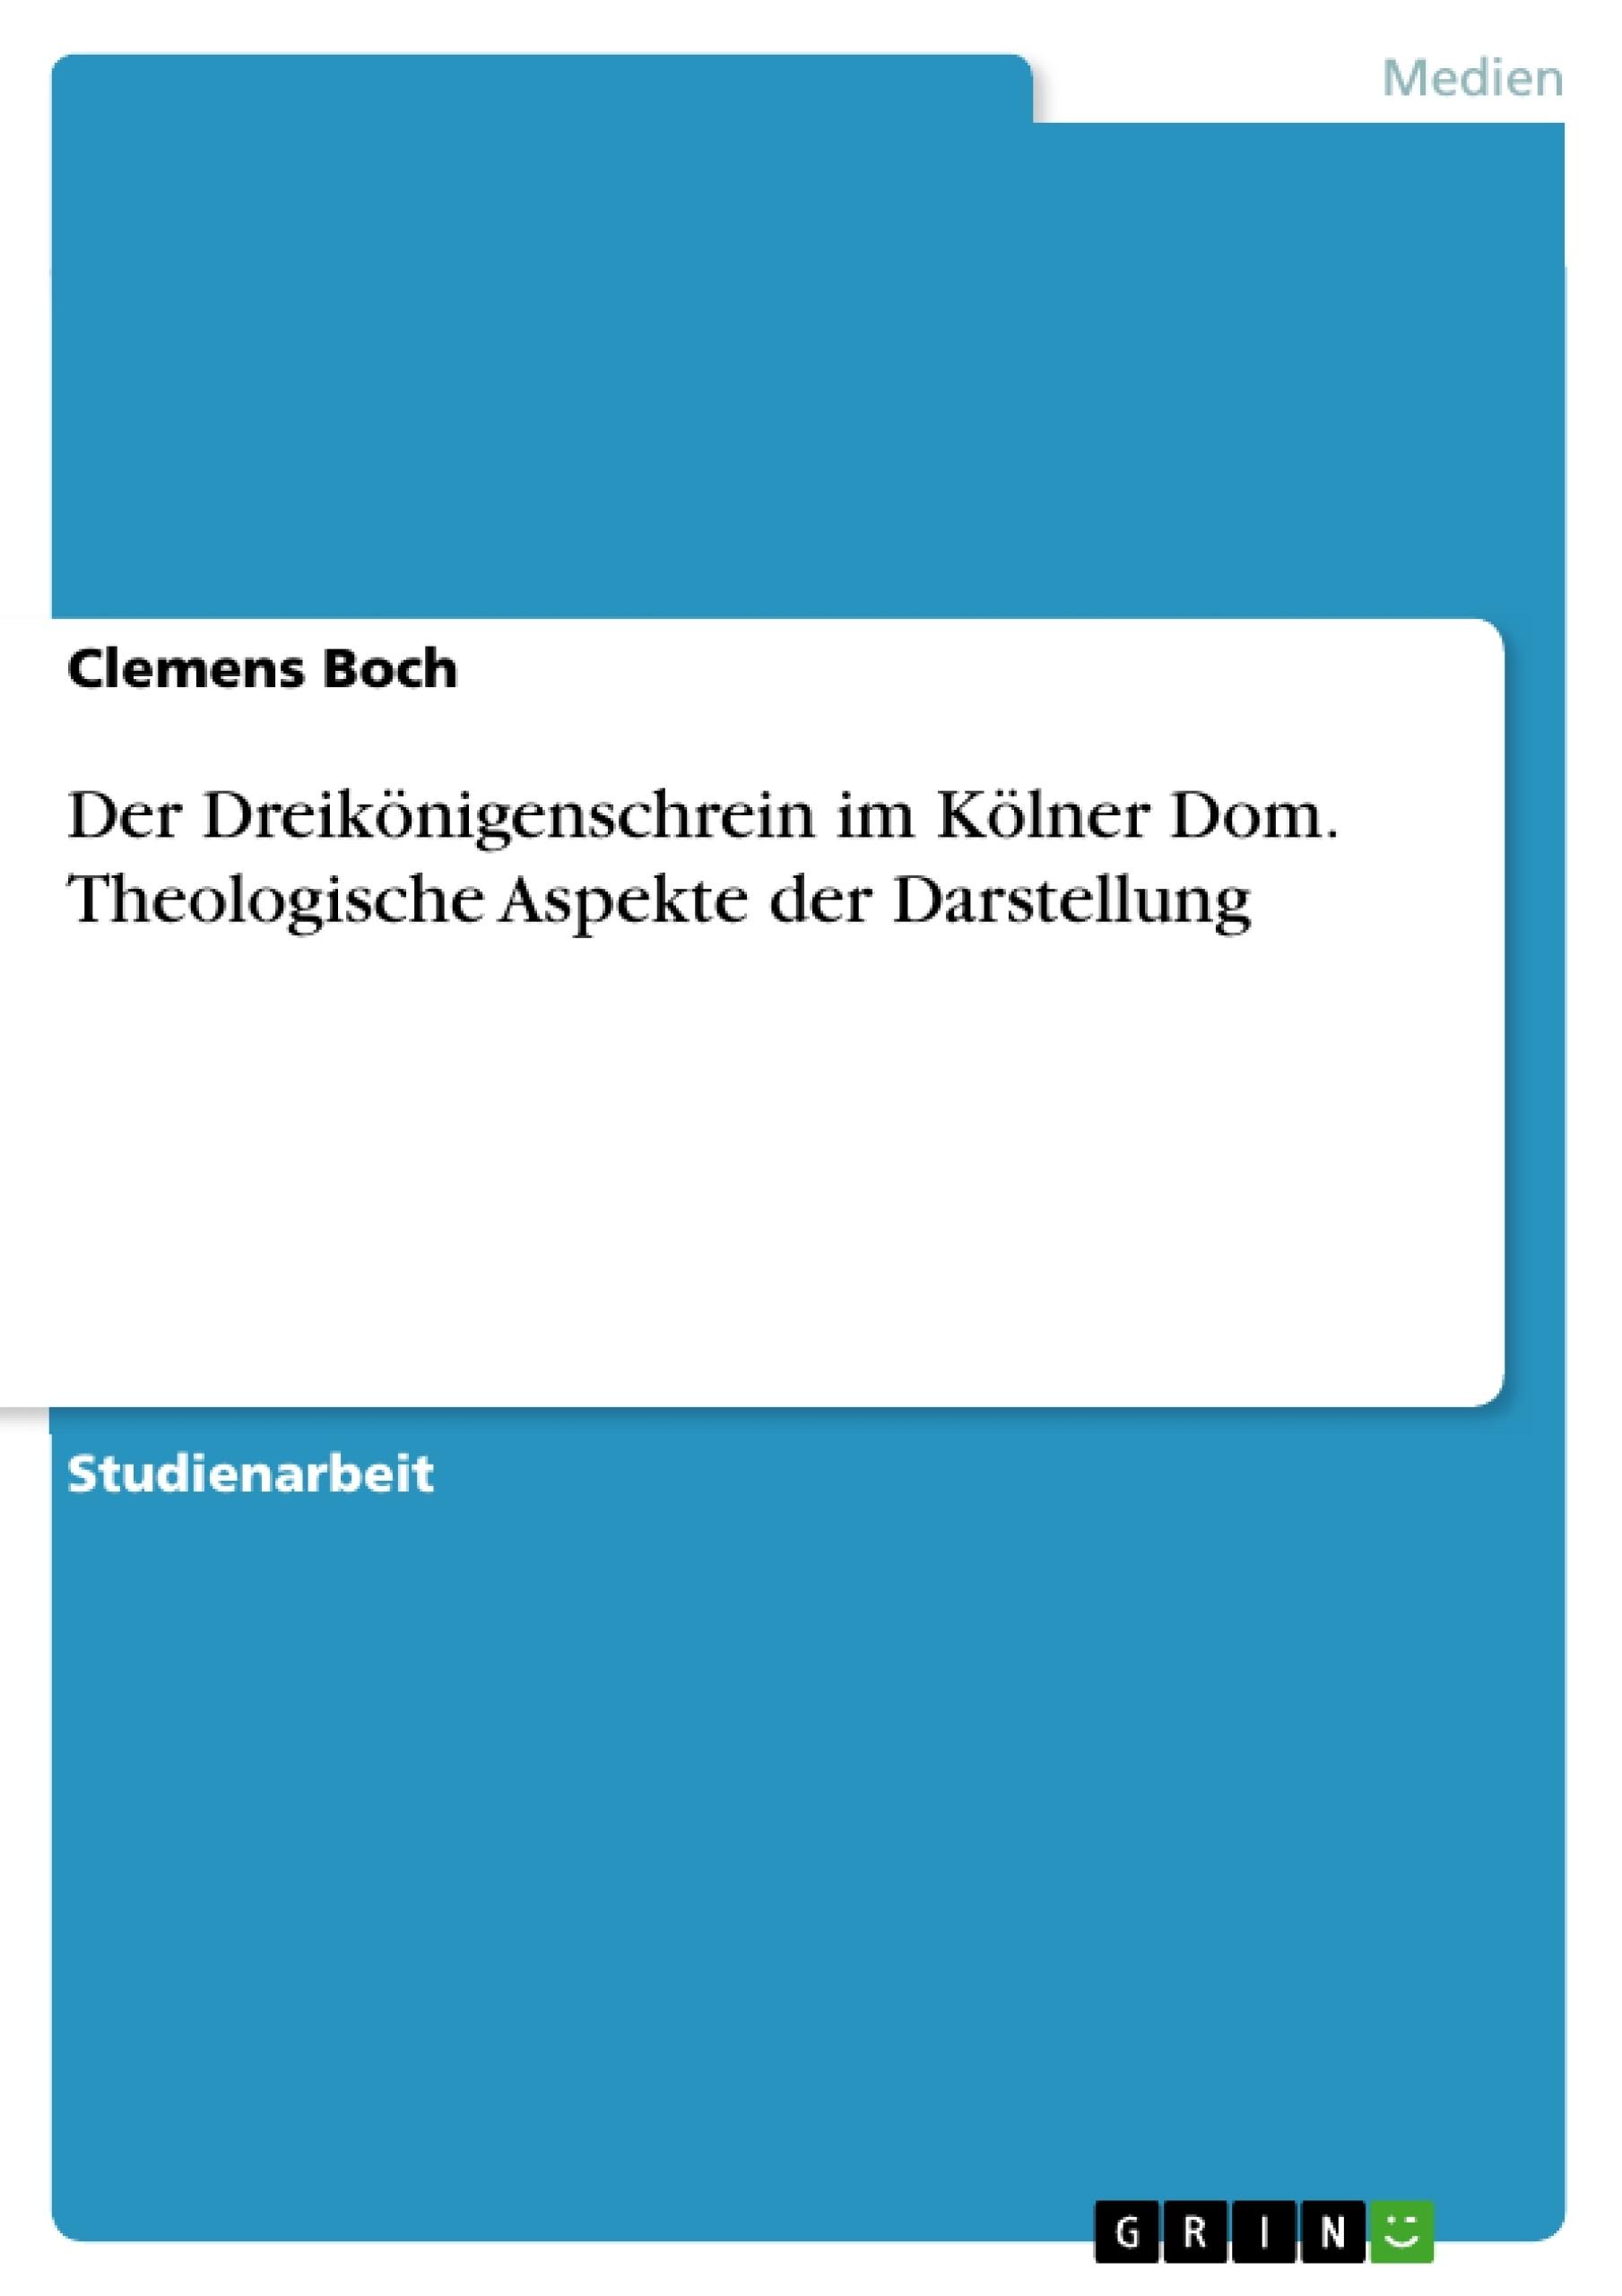 Titel: Der Dreikönigenschrein im Kölner Dom. Theologische Aspekte der Darstellung